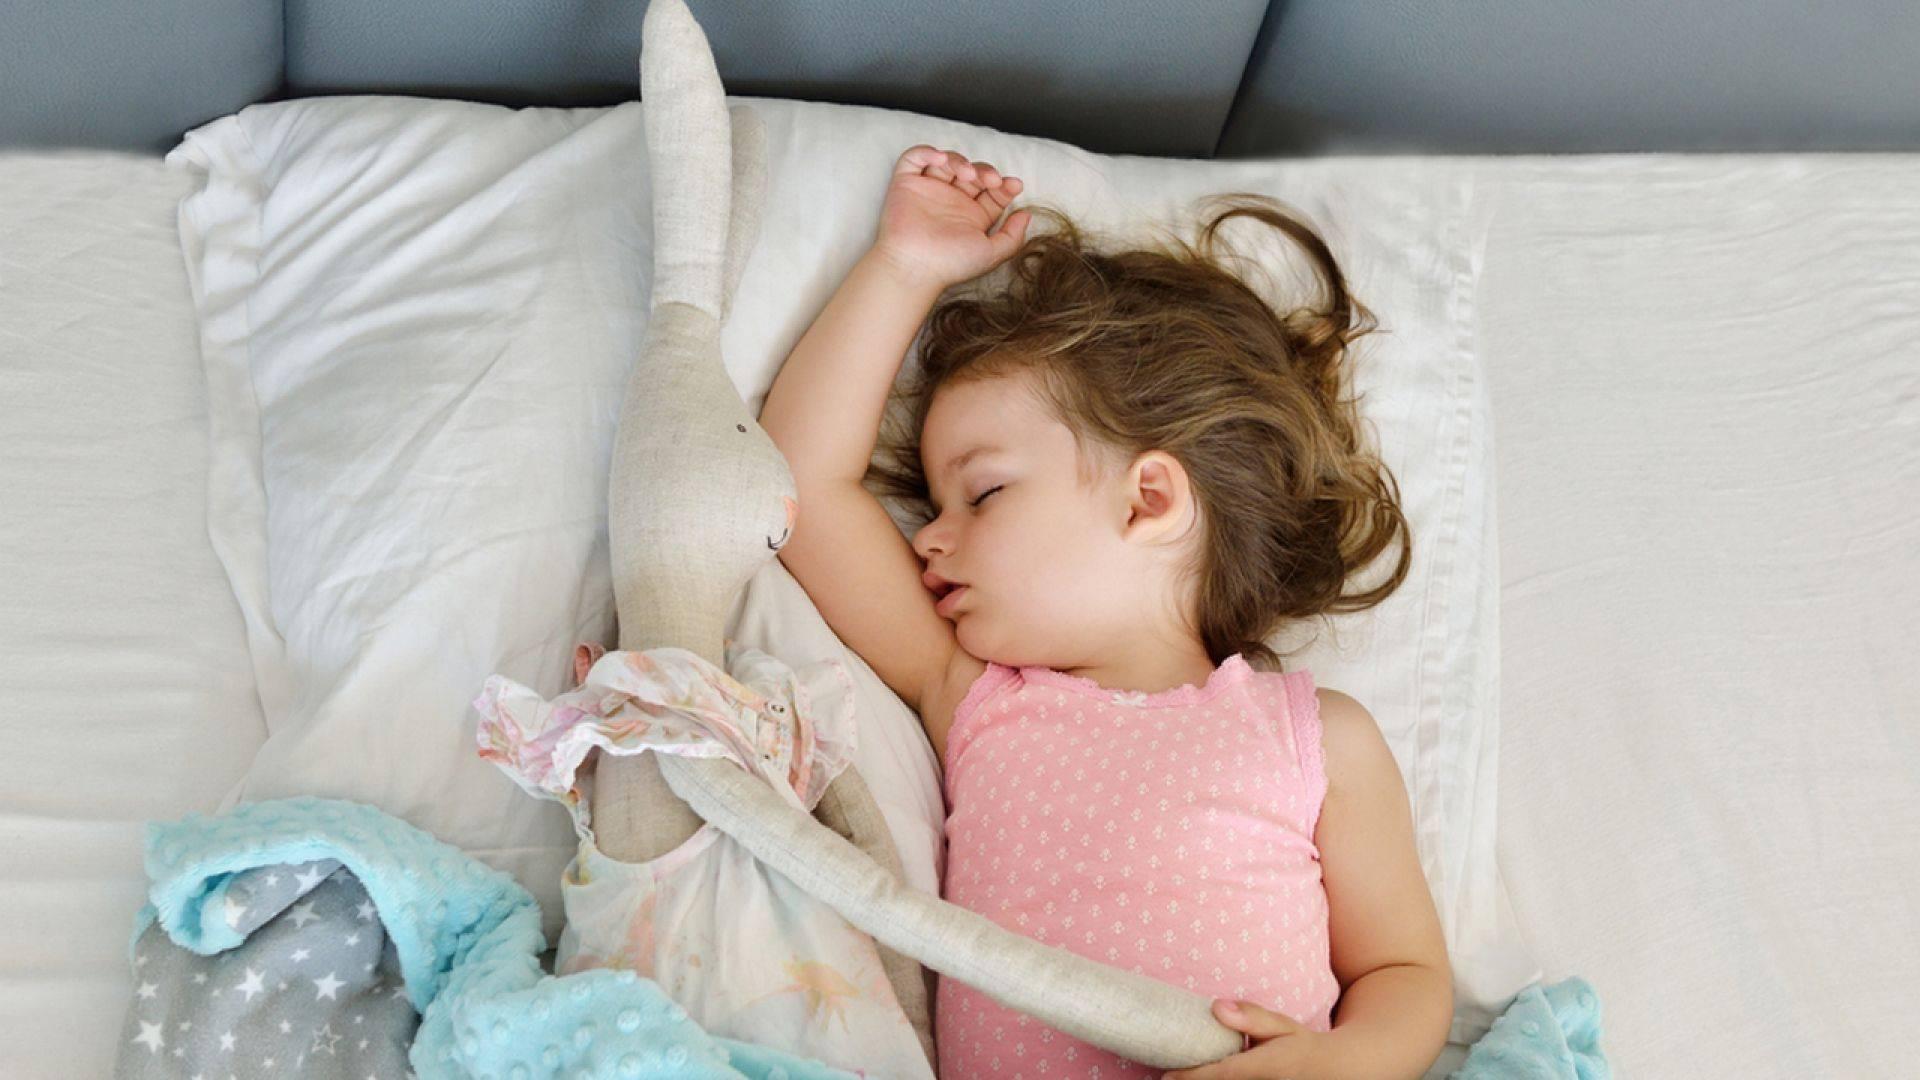 Если ребенок плохо спит - что делать при нарушениях сна?